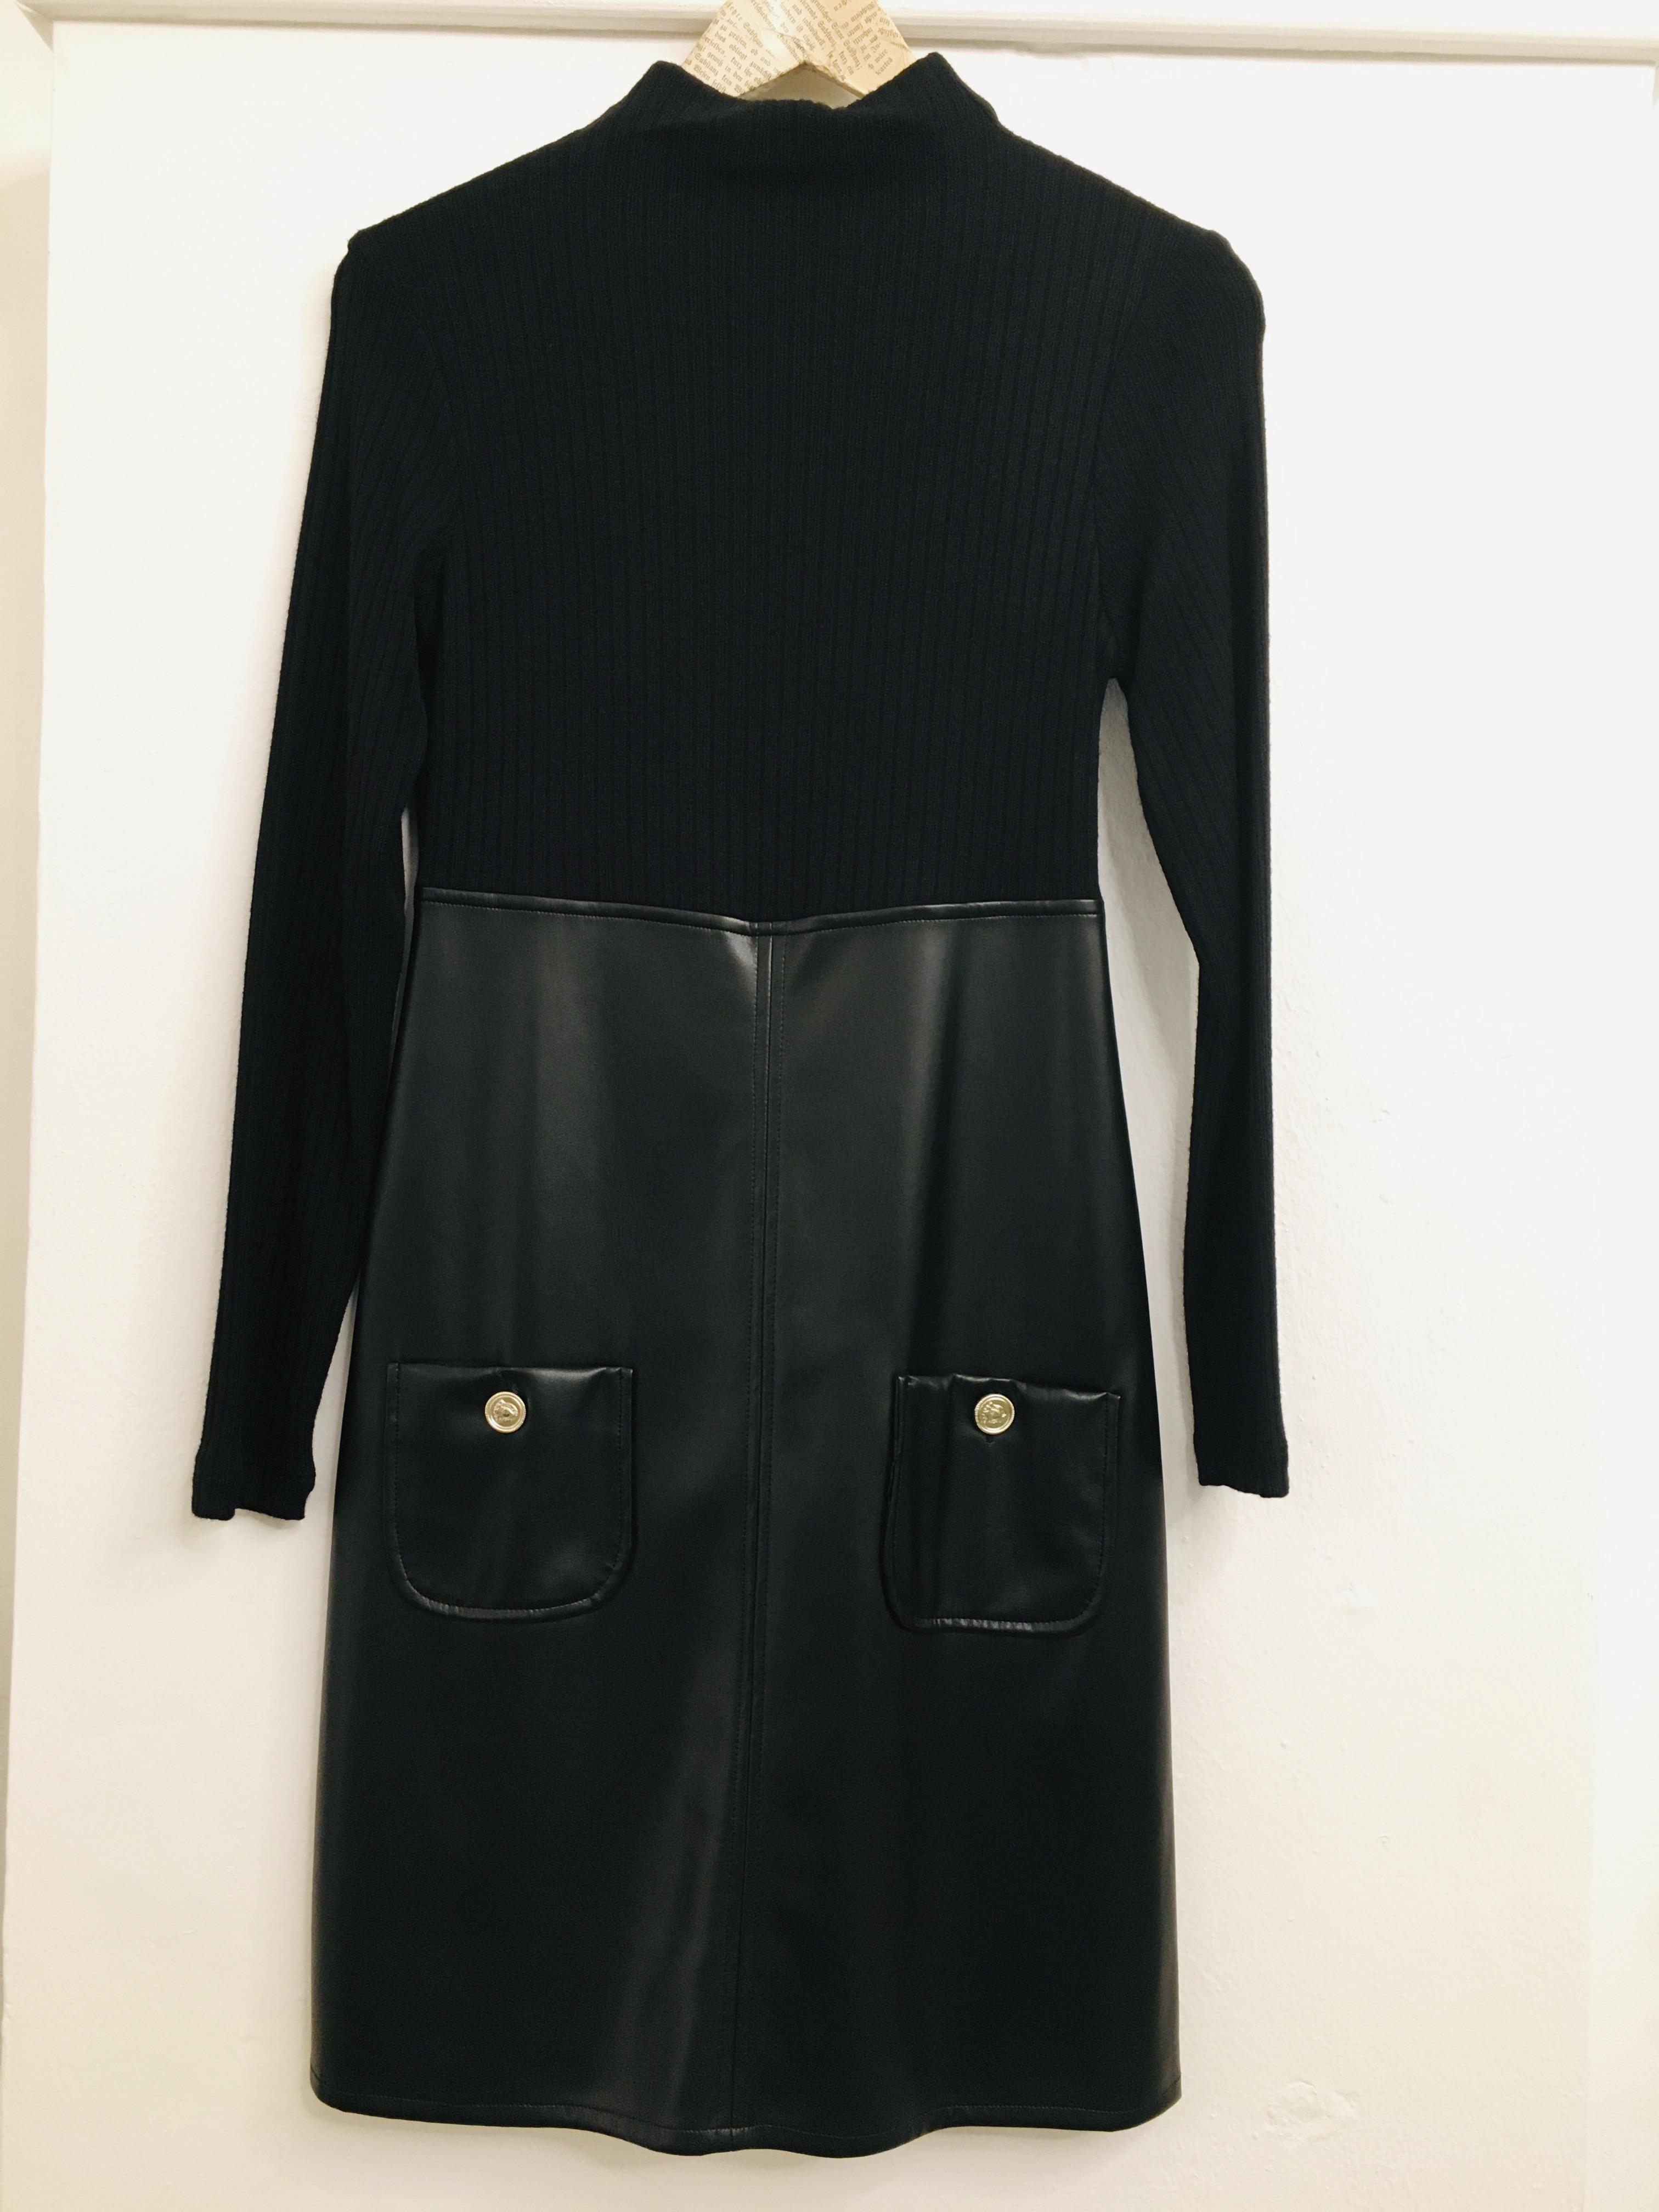 Abito donna| in lana ed ecopelle| nero| con taschine| collo a lupetto| manica lunga| made in Italy